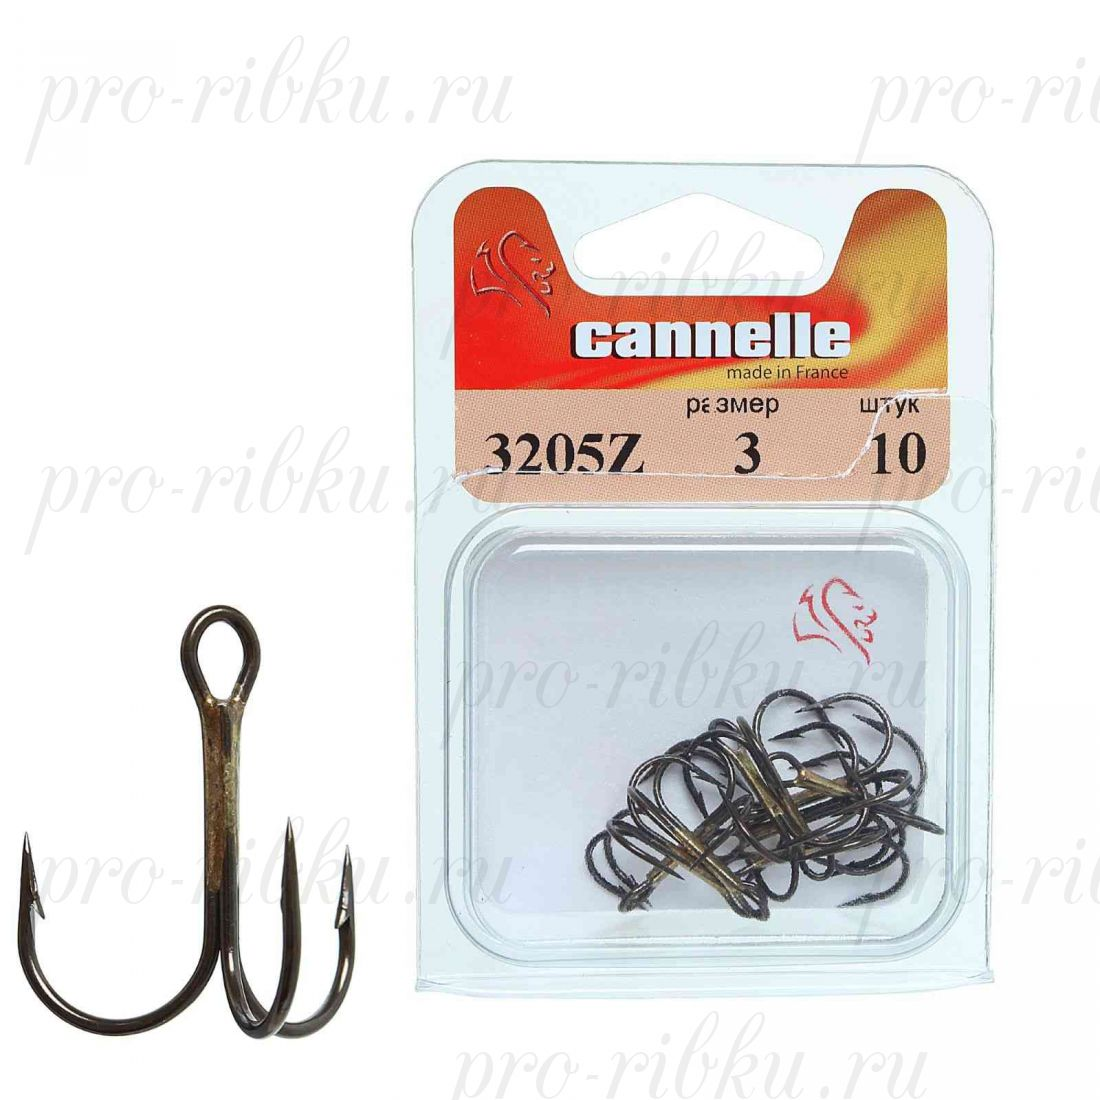 Тройник Cannelle 3205 Z № 6 уп. 100 шт. (бронза,круглый поддев,стандартный тройник,средняя проволка)